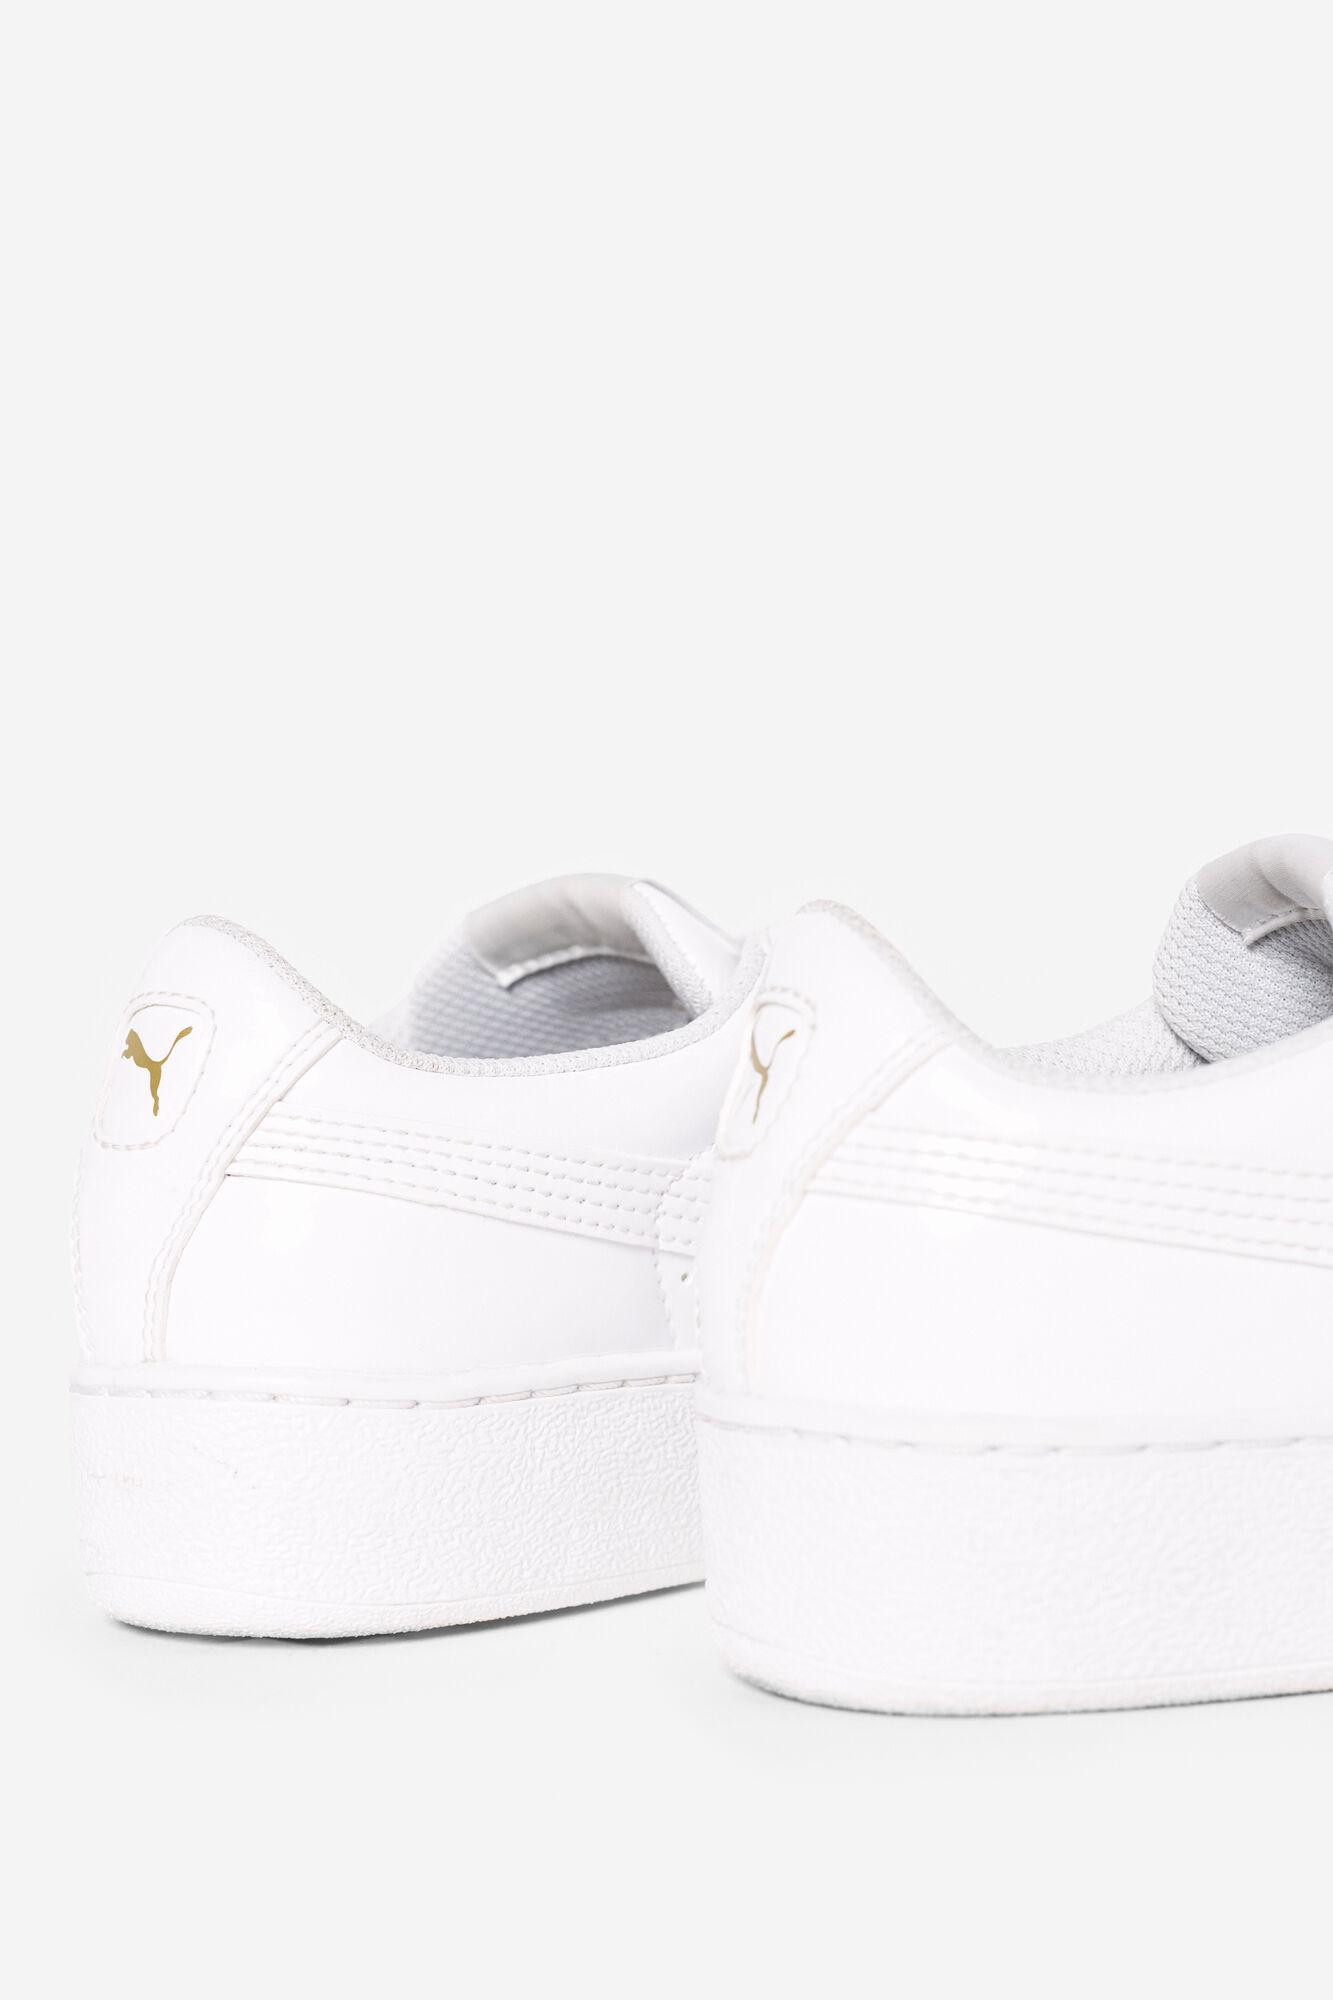 puma blancas zapatillas